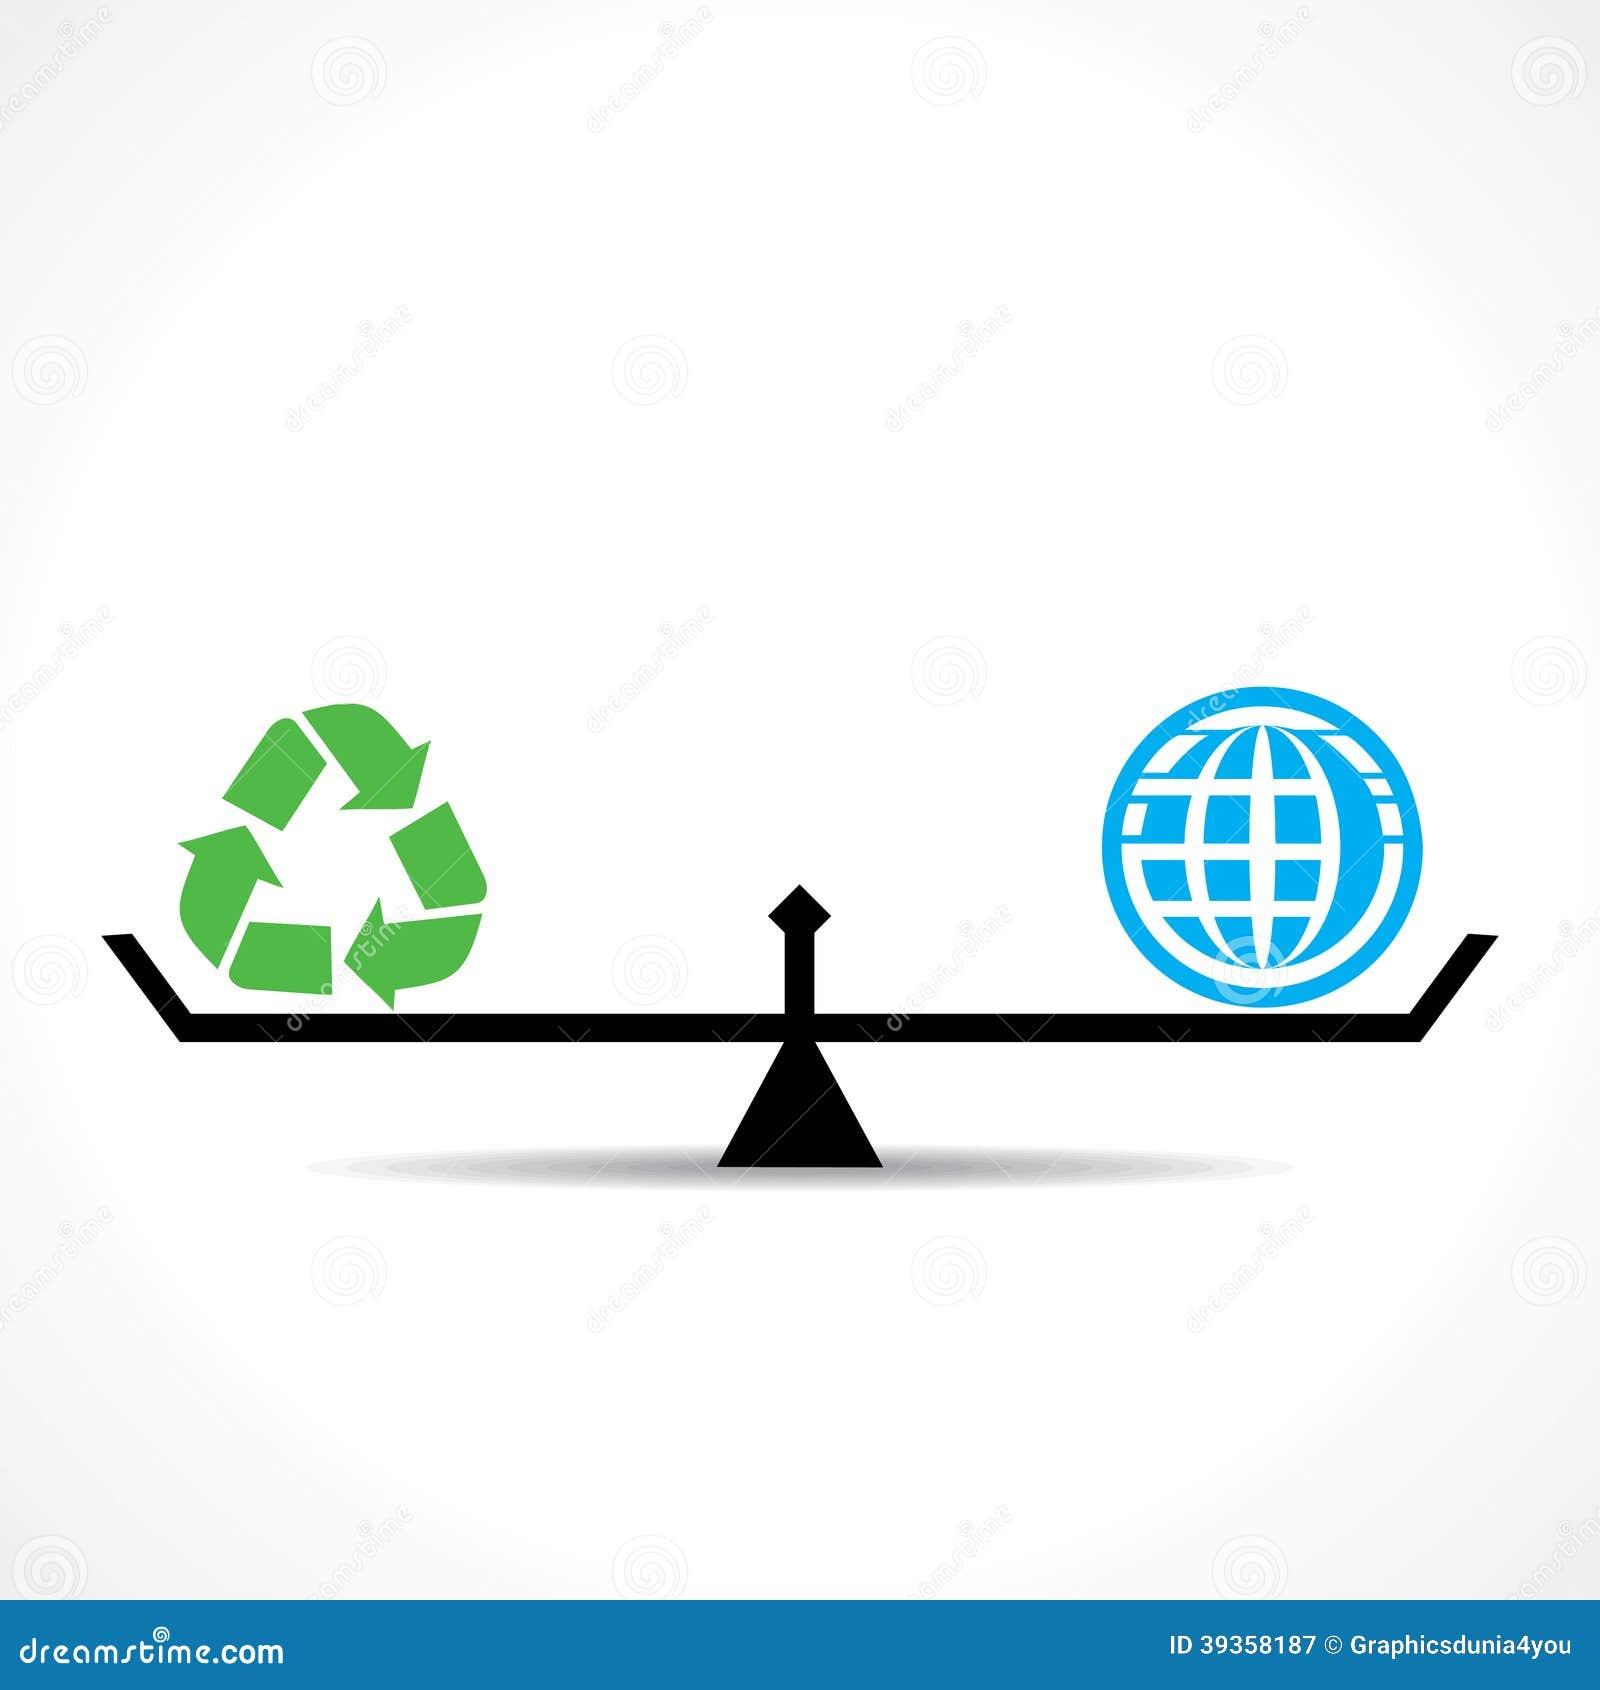 回收标志,并且全球性两个是均等,去绿色并且保存地球概念